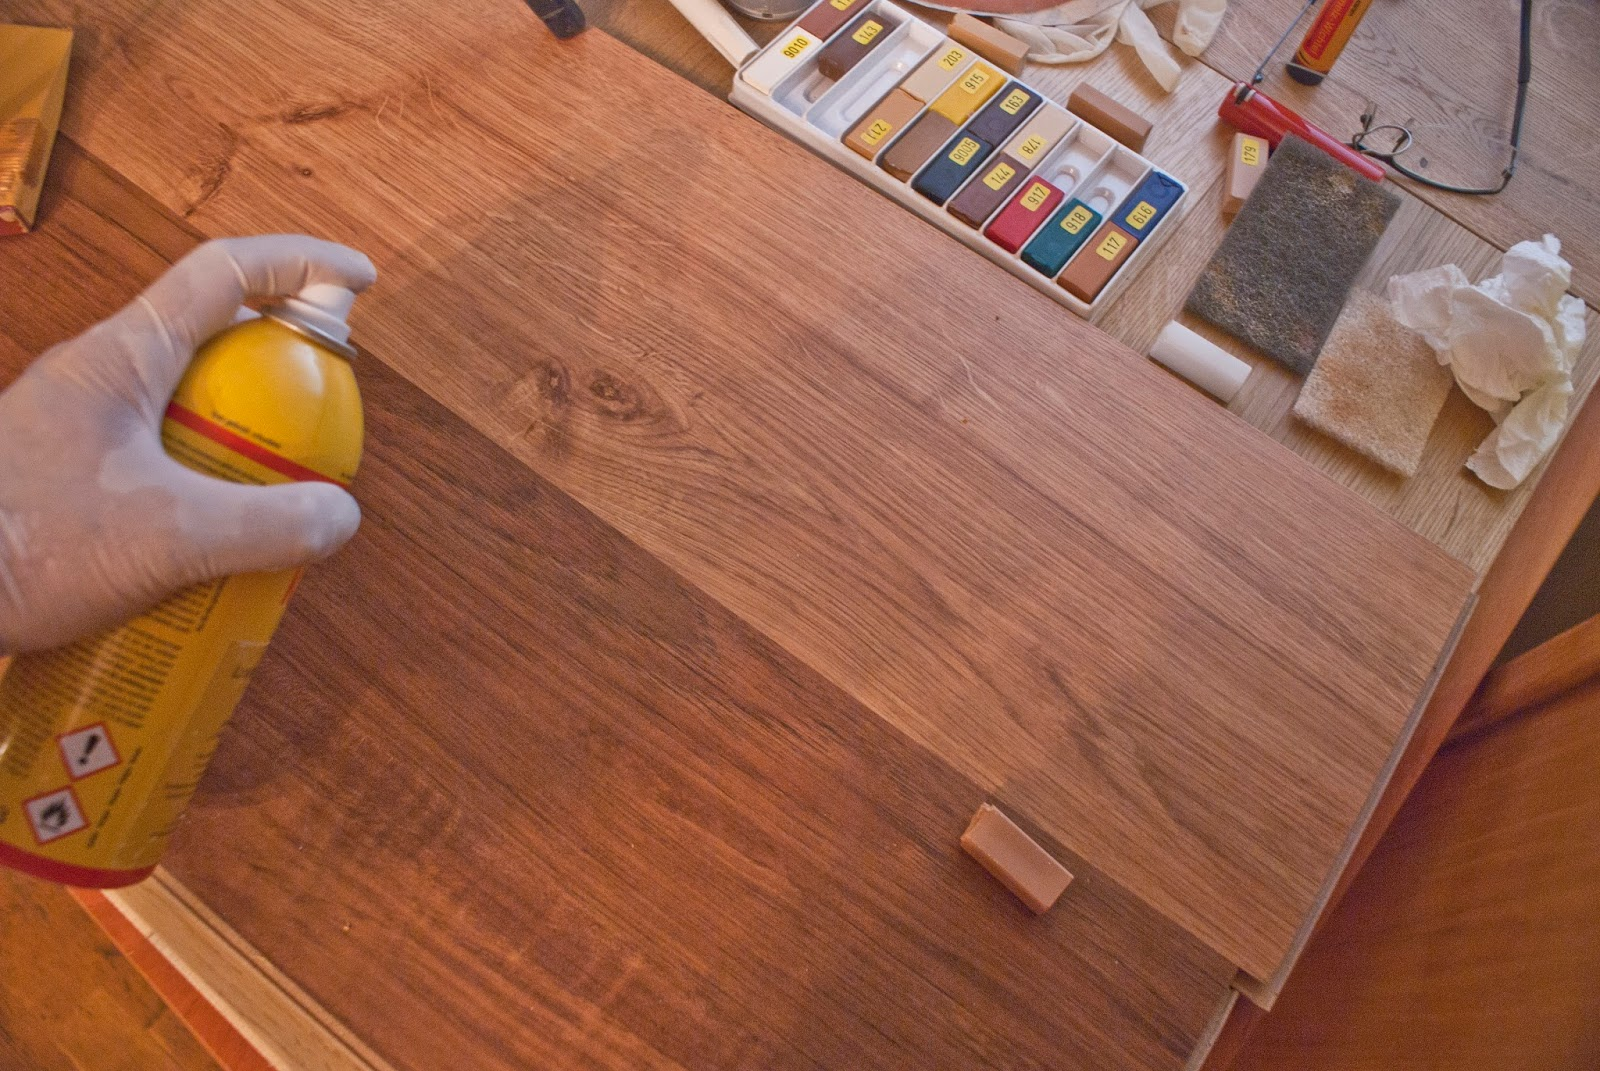 C mo reparar las rayadas en el parquet tarima y laminado - Como reparar piso de parquet rayado ...